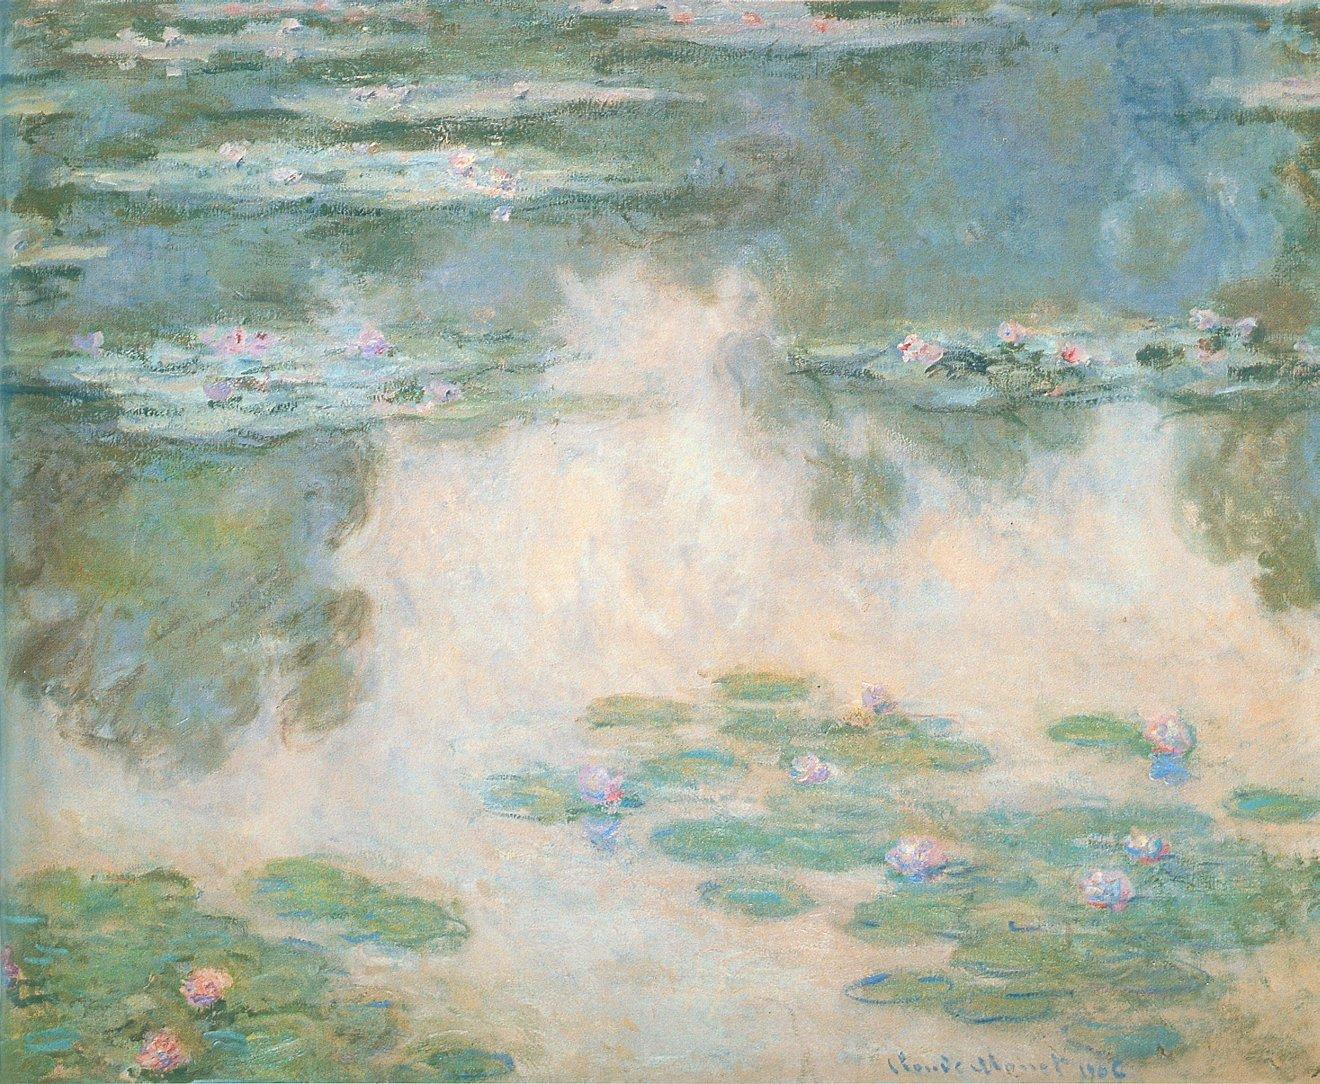 モネlog: 「睡蓮の連作」水の風景 Ⅲ